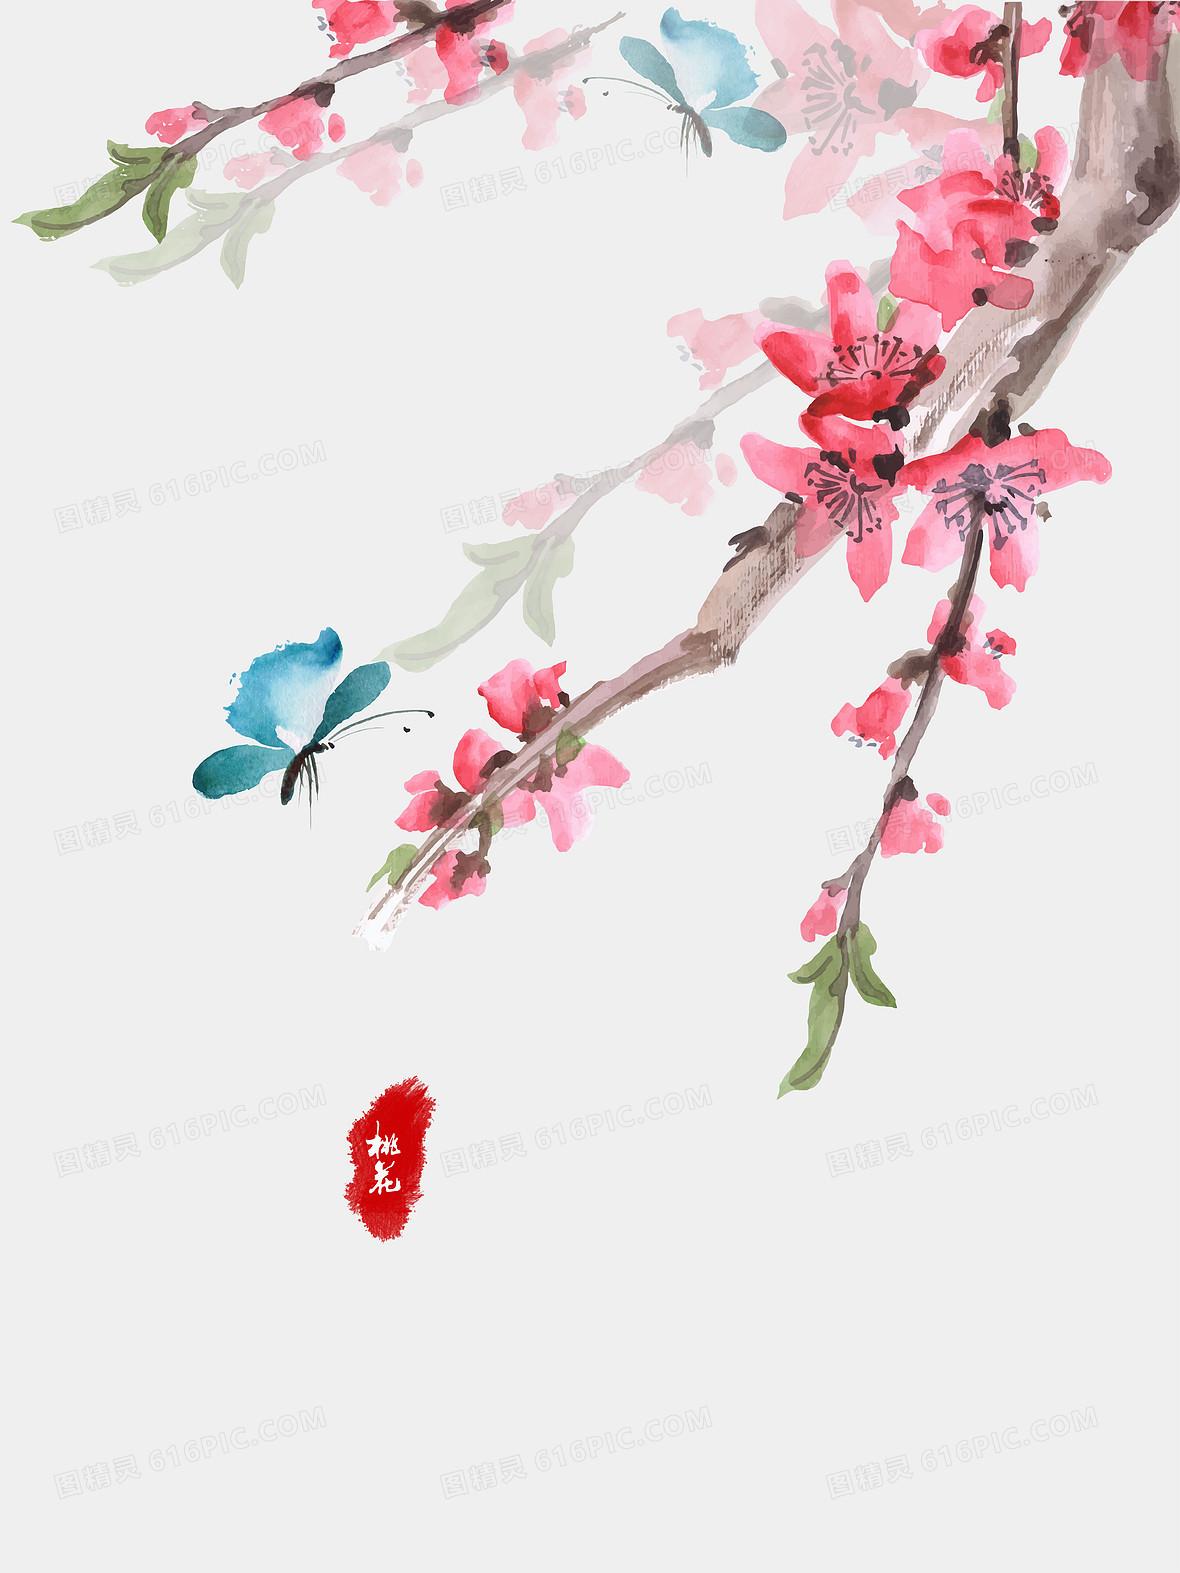 中式水墨插画温馨桃花节背景素材